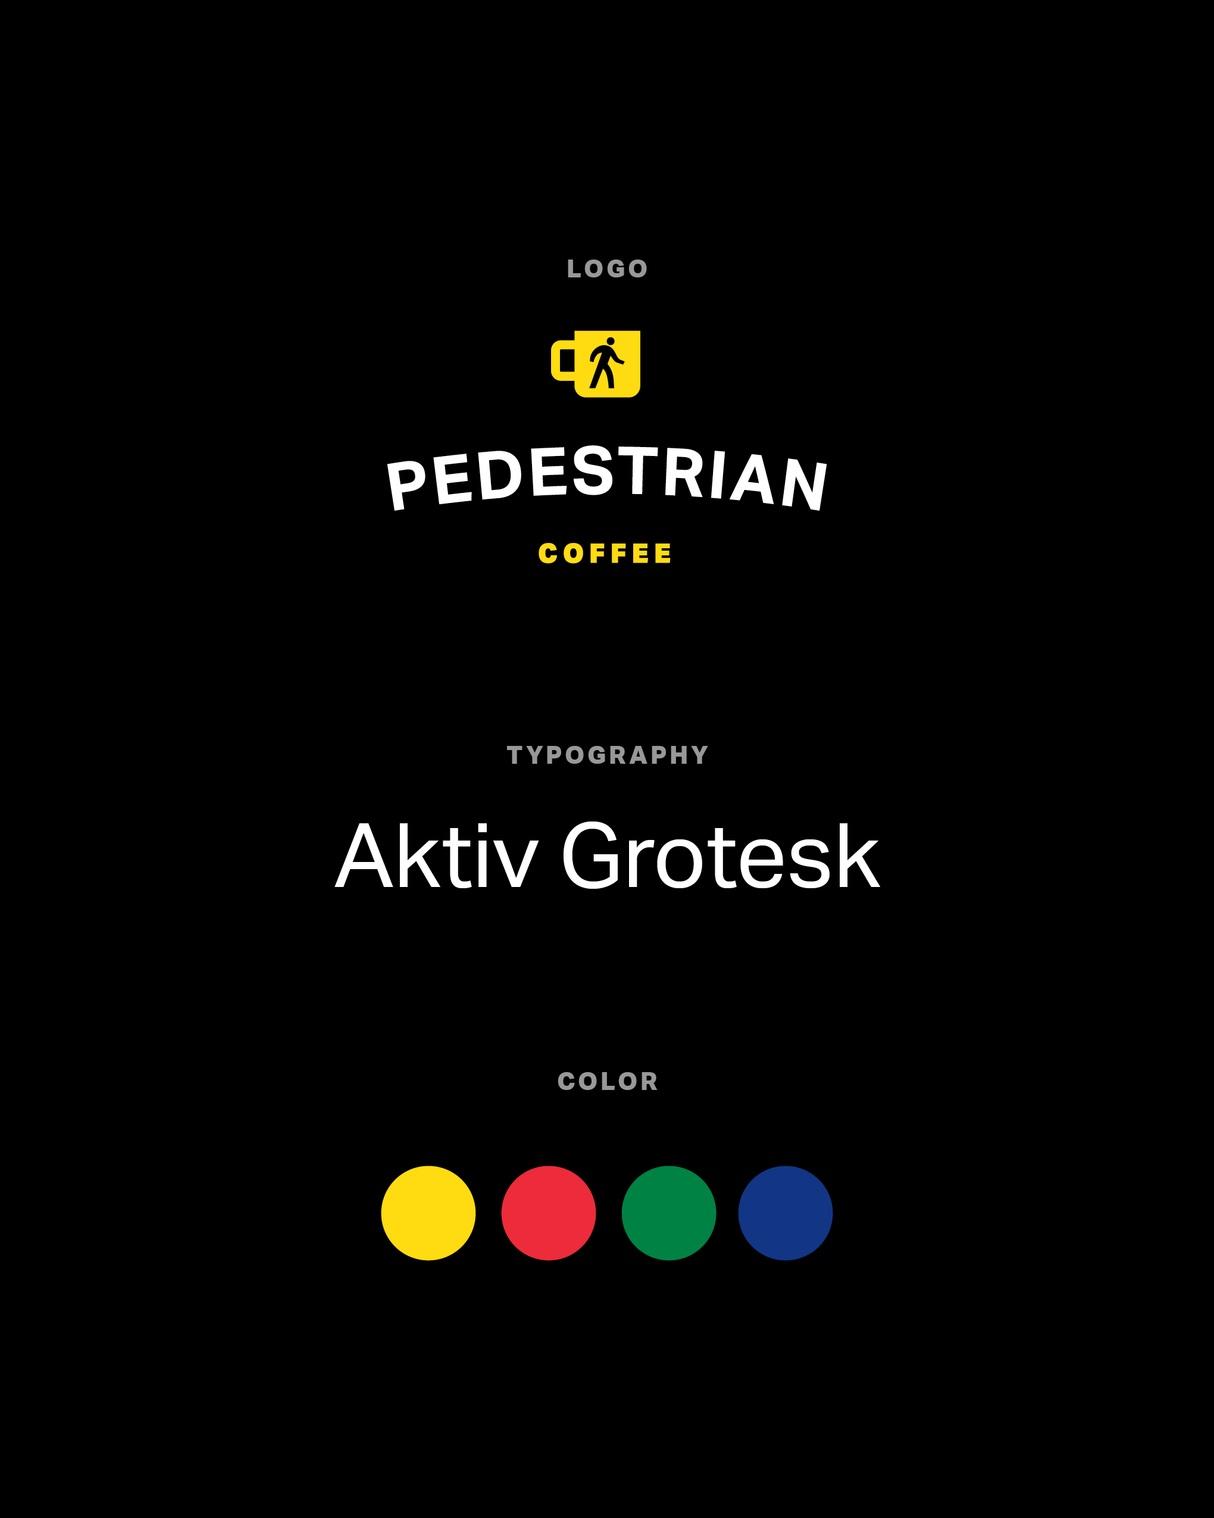 PEDESTRIAN-COFFEE_Brand_Care_Kit_v.12.jpg